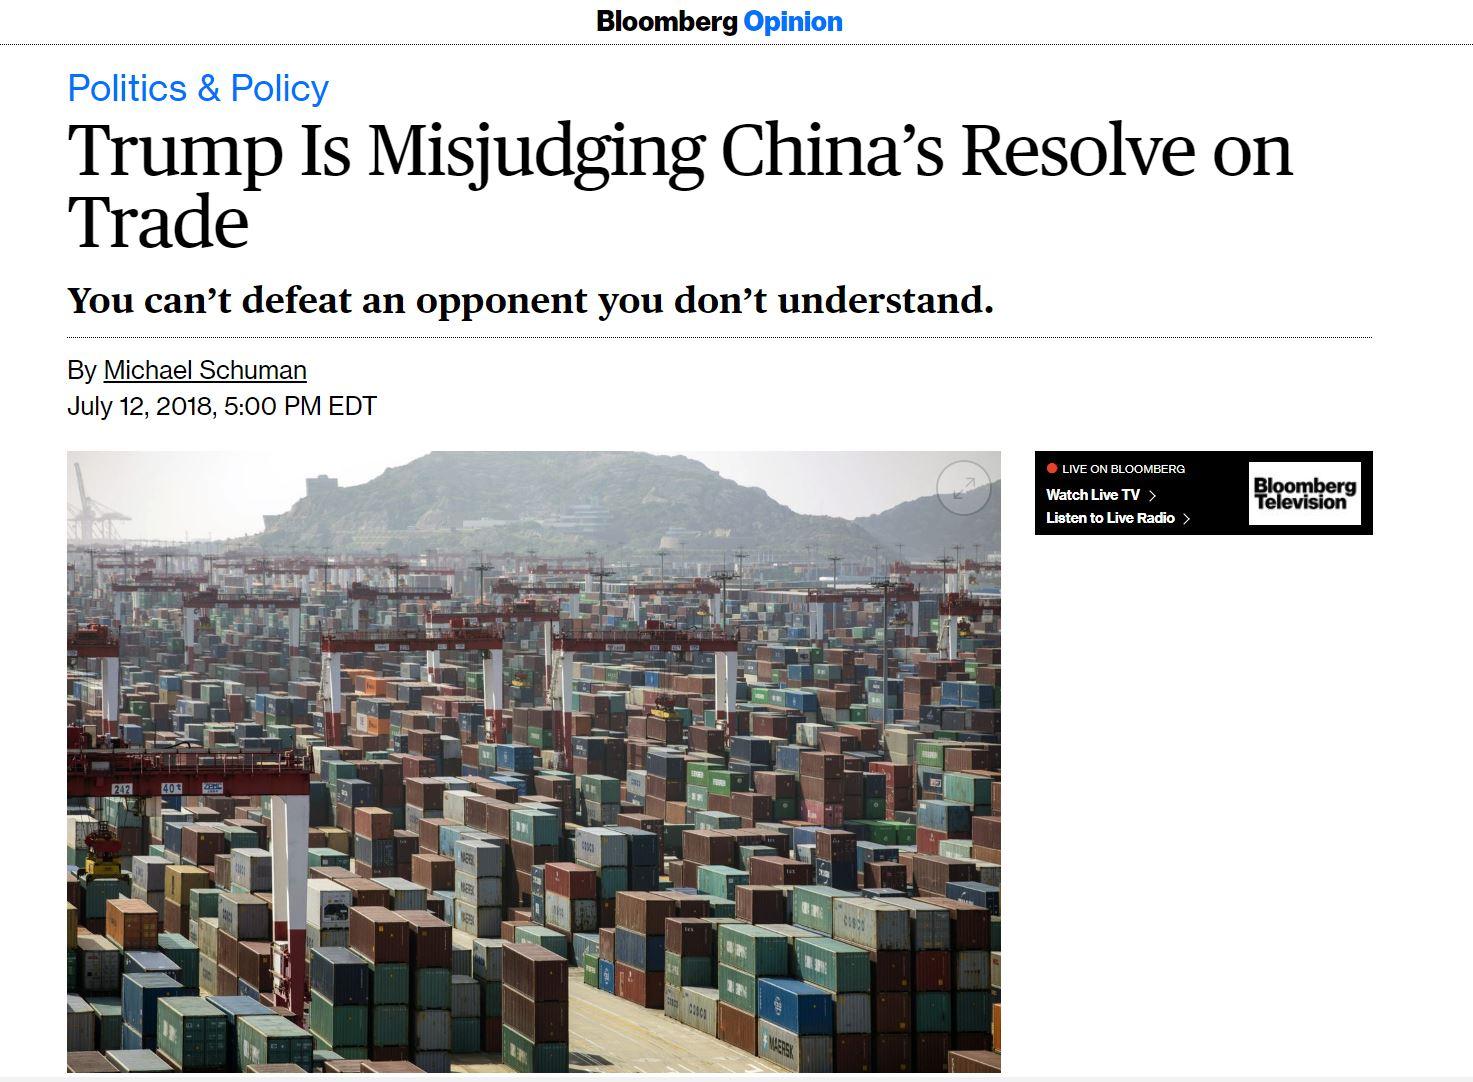 """【墙的妙用】彭博社说""""特朗普误判了中国在贸易战上的决心""""?"""